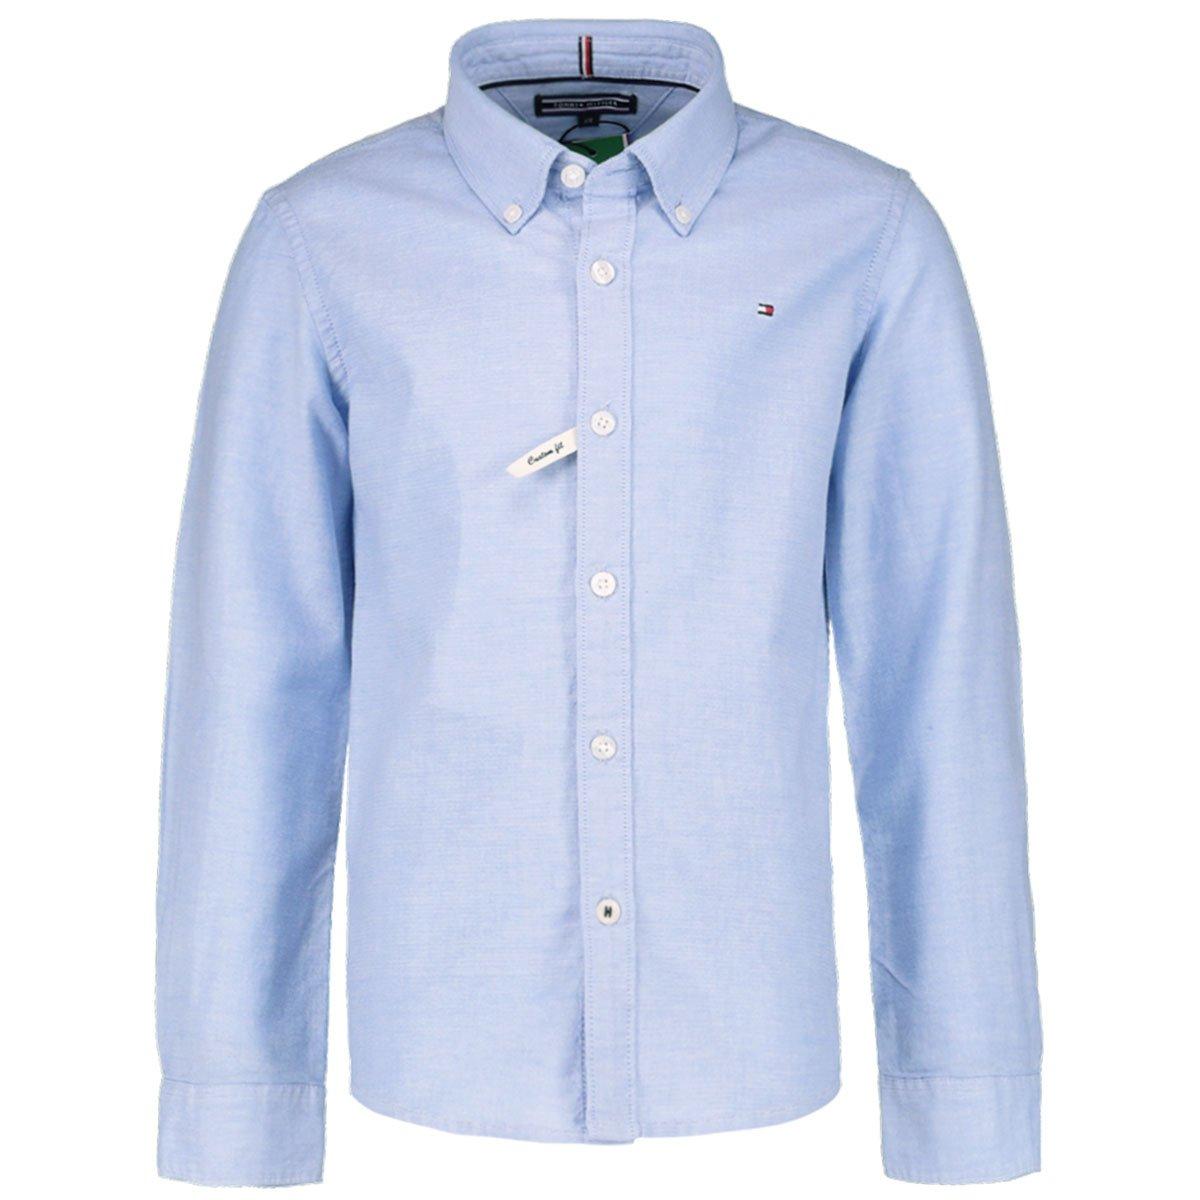 Tommy Hilfiger Jungen Hemd Comfort Fit Langarm